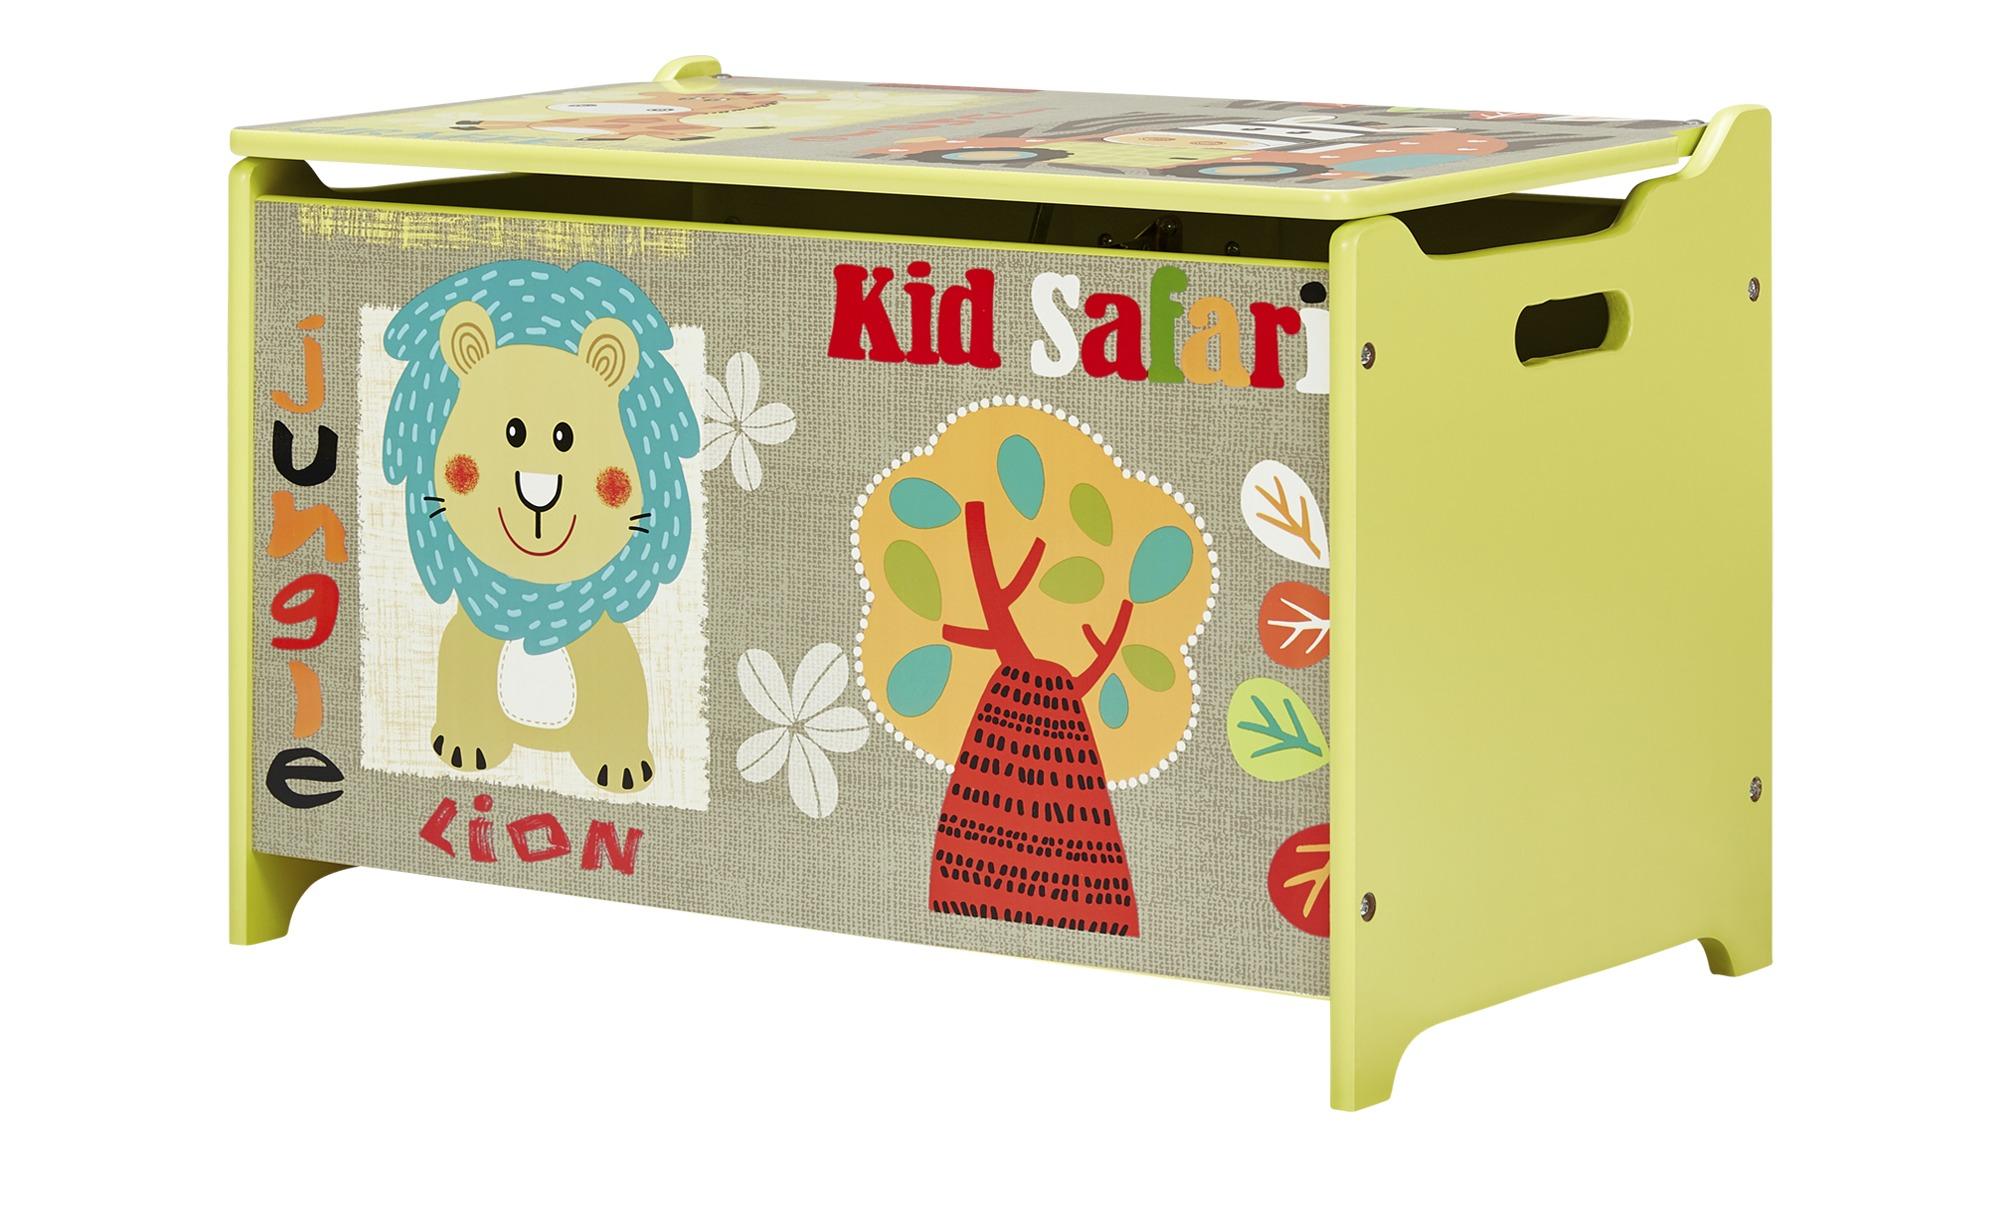 Spielzeugtruhe  Safari - mehrfarbig - 60 cm - 40 cm - 37 cm - Aufbewahrung > Truhen & Kisten - Möbel Kraft   Kinderzimmer > Spielzeuge > Spielzeugkisten   Sconto